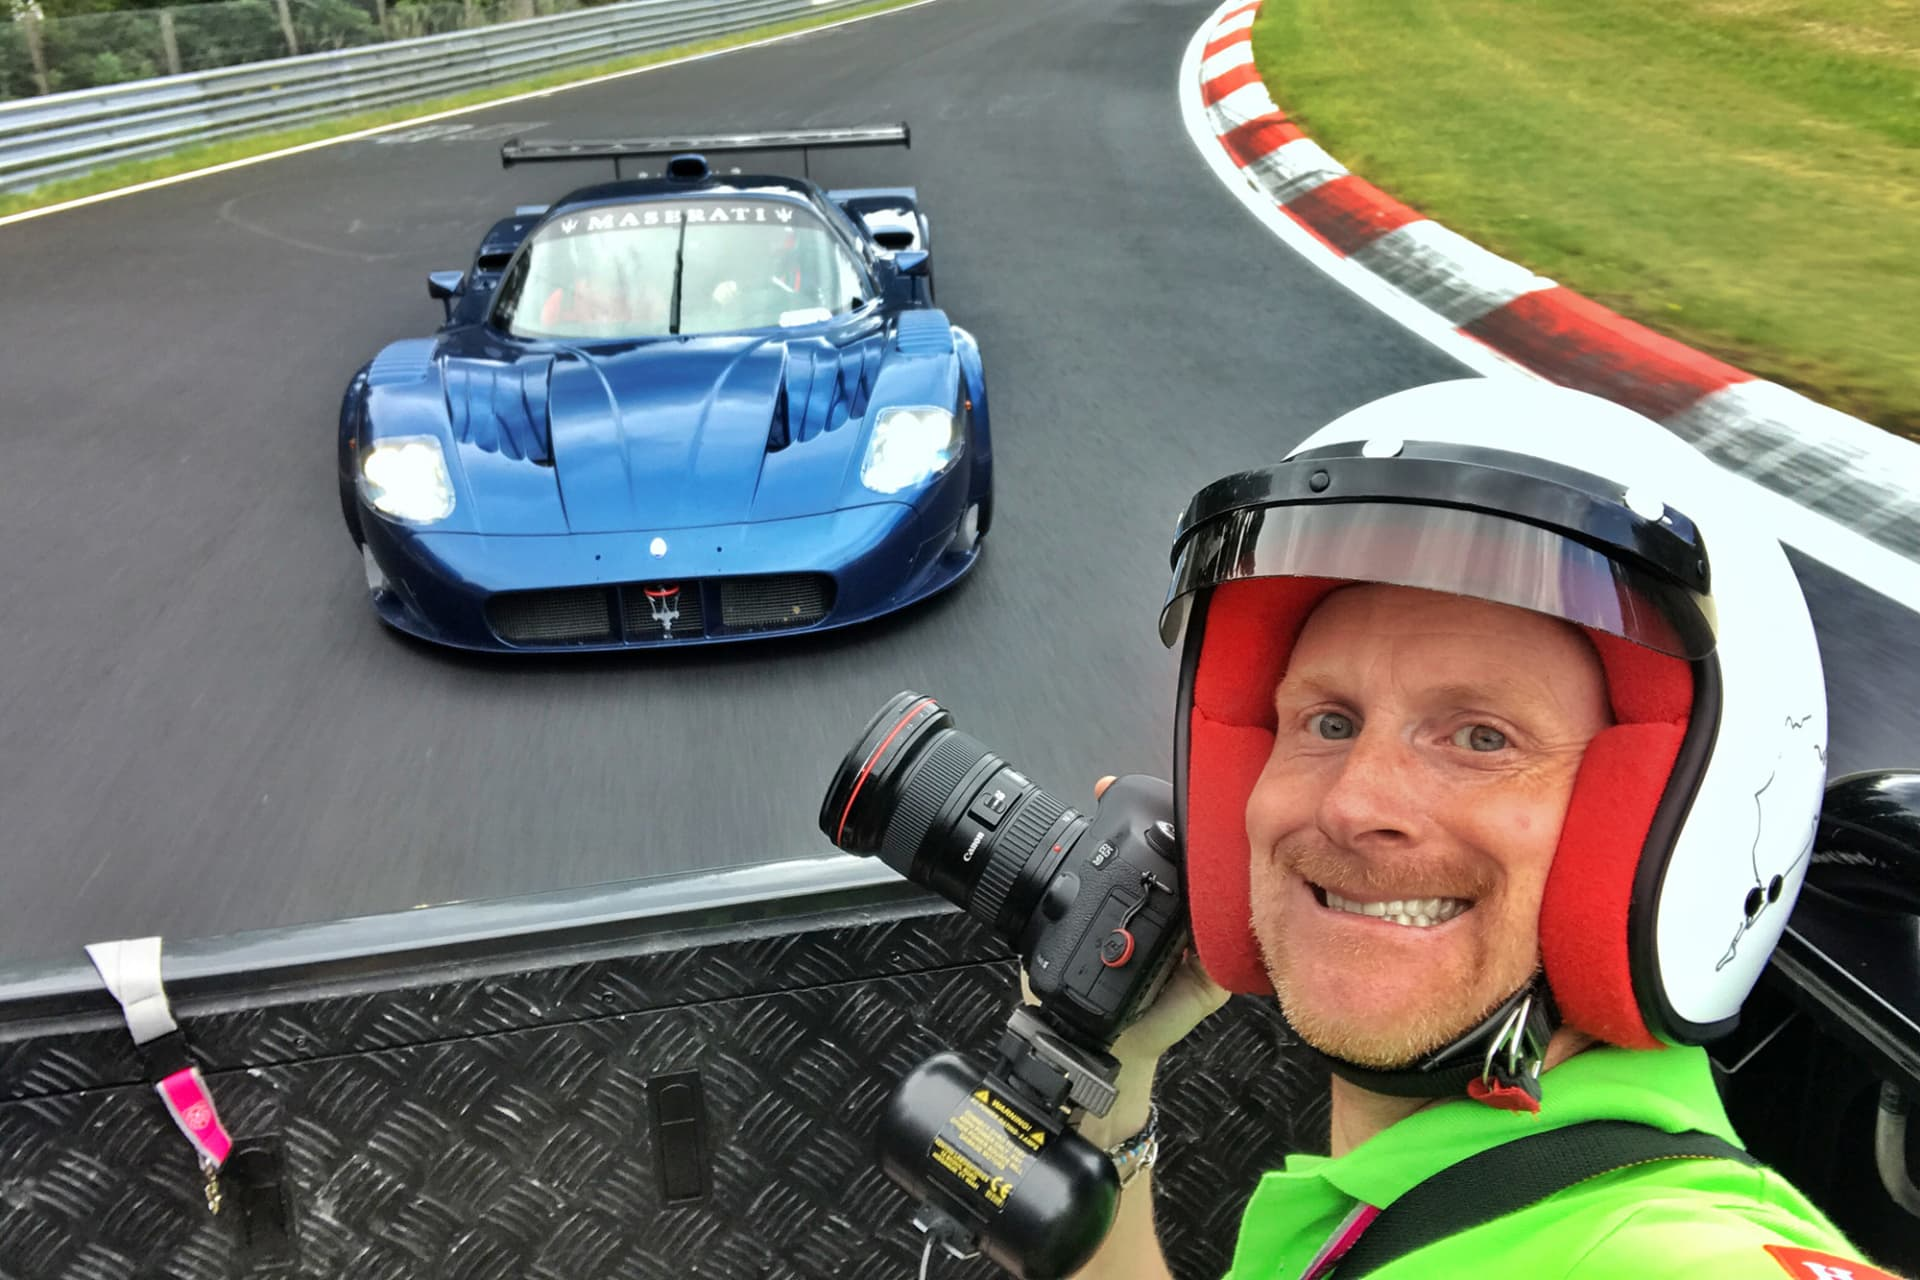 Möjligheten att jobba från flaket är ovärderligt för mig i mitt arbete. Som här under en fotografering av en mycket unik Maserati MC12 Corsa på Nürburgring under Gran Turismo Events. Samma bil låg senare ute till försäljning för 22,5 miljoner kronor.